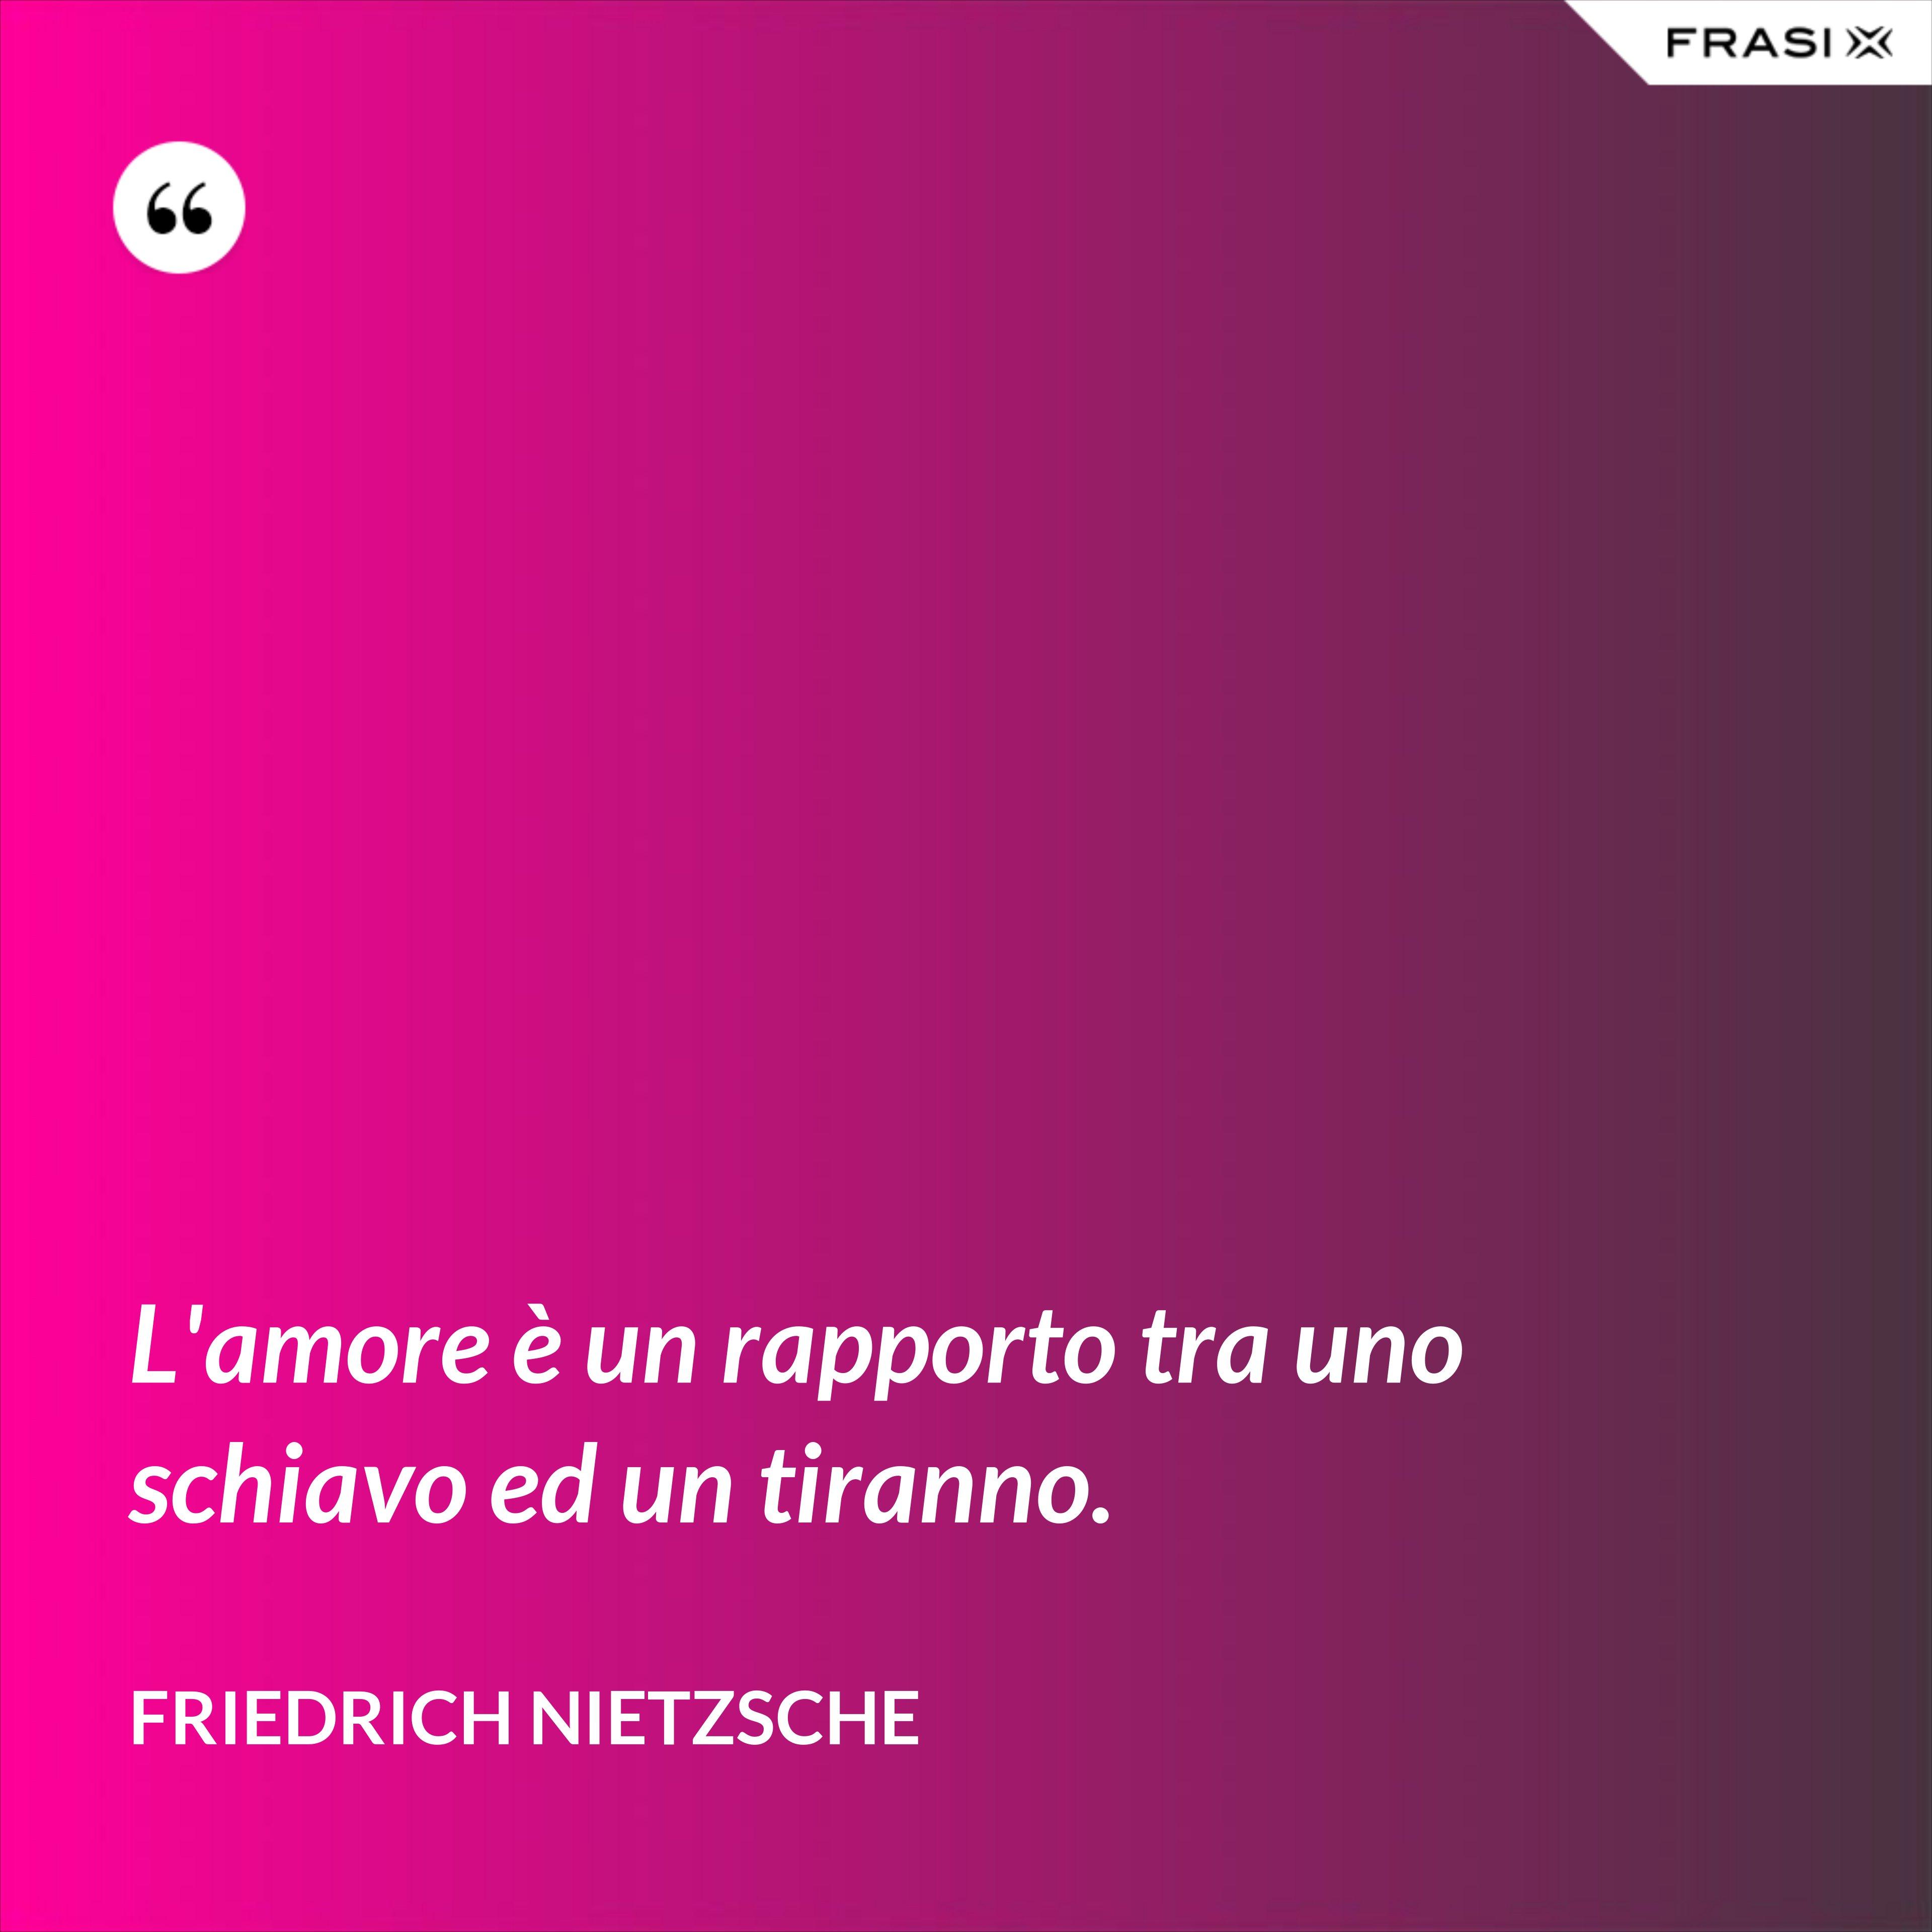 L'amore è un rapporto tra uno schiavo ed un tiranno. - Friedrich Nietzsche